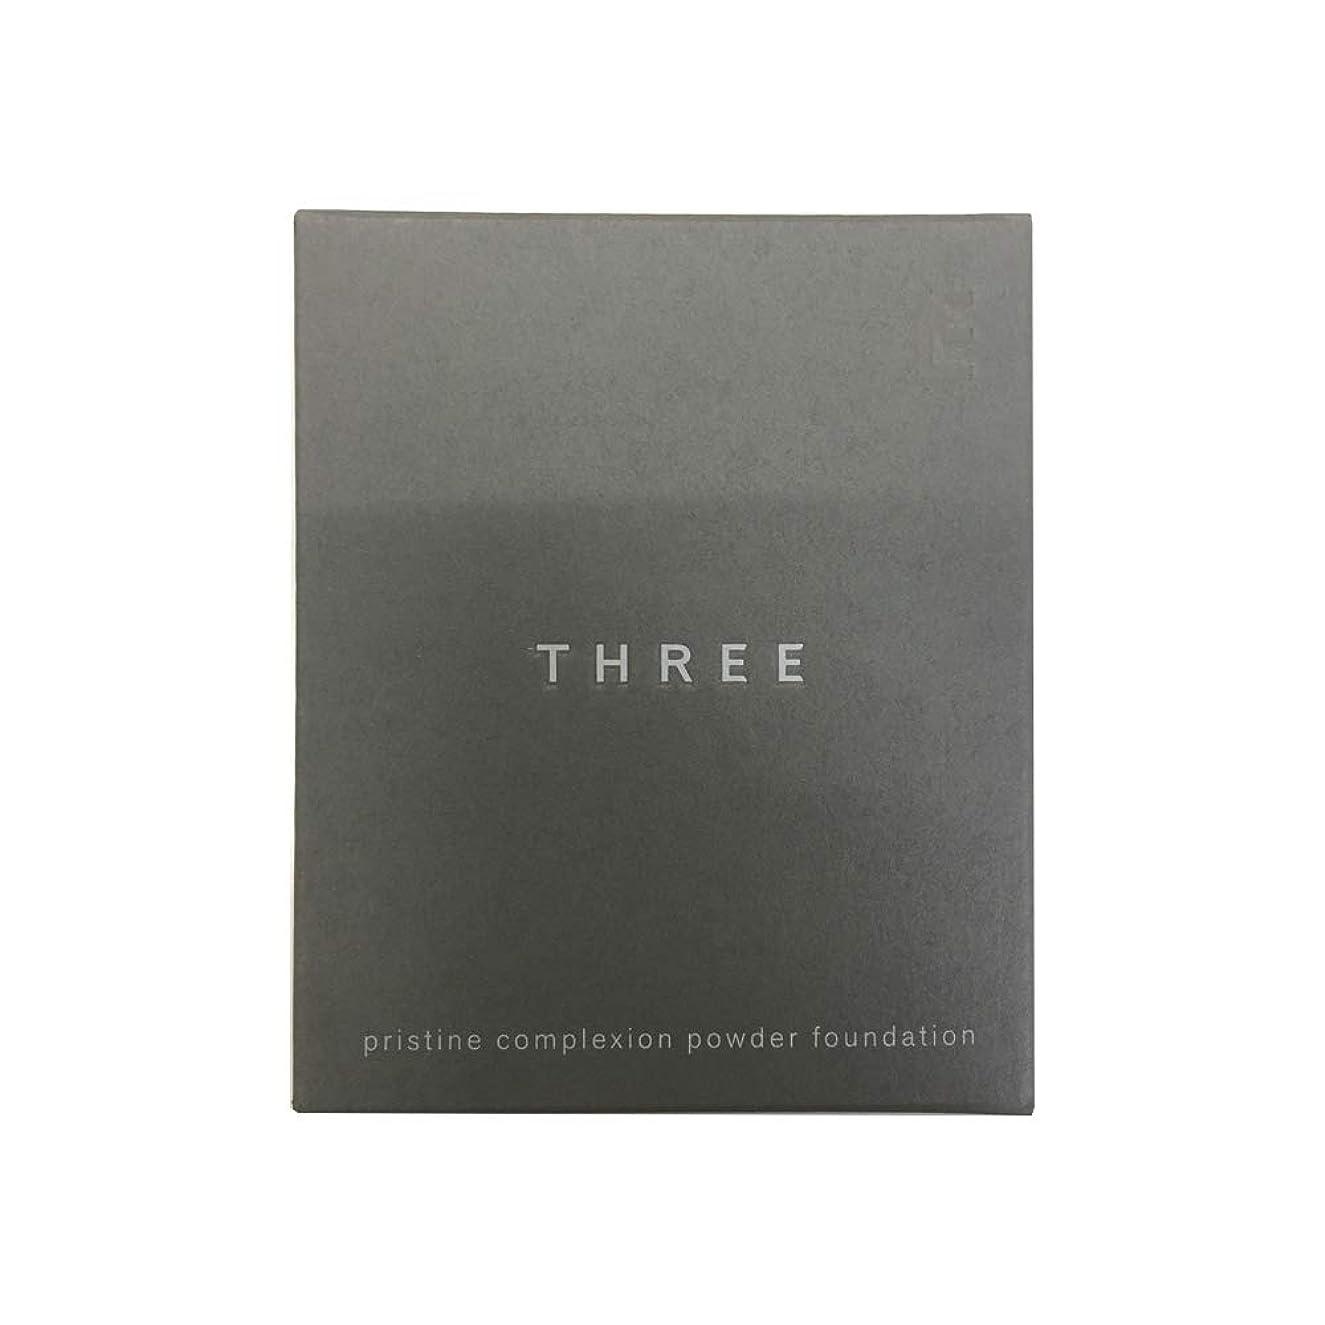 ランチより平らな魔女THREE(スリー) プリスティーンコンプレクションパウダーファンデーション #202(リフィル) [ パウダーファンデーション ] [並行輸入品]